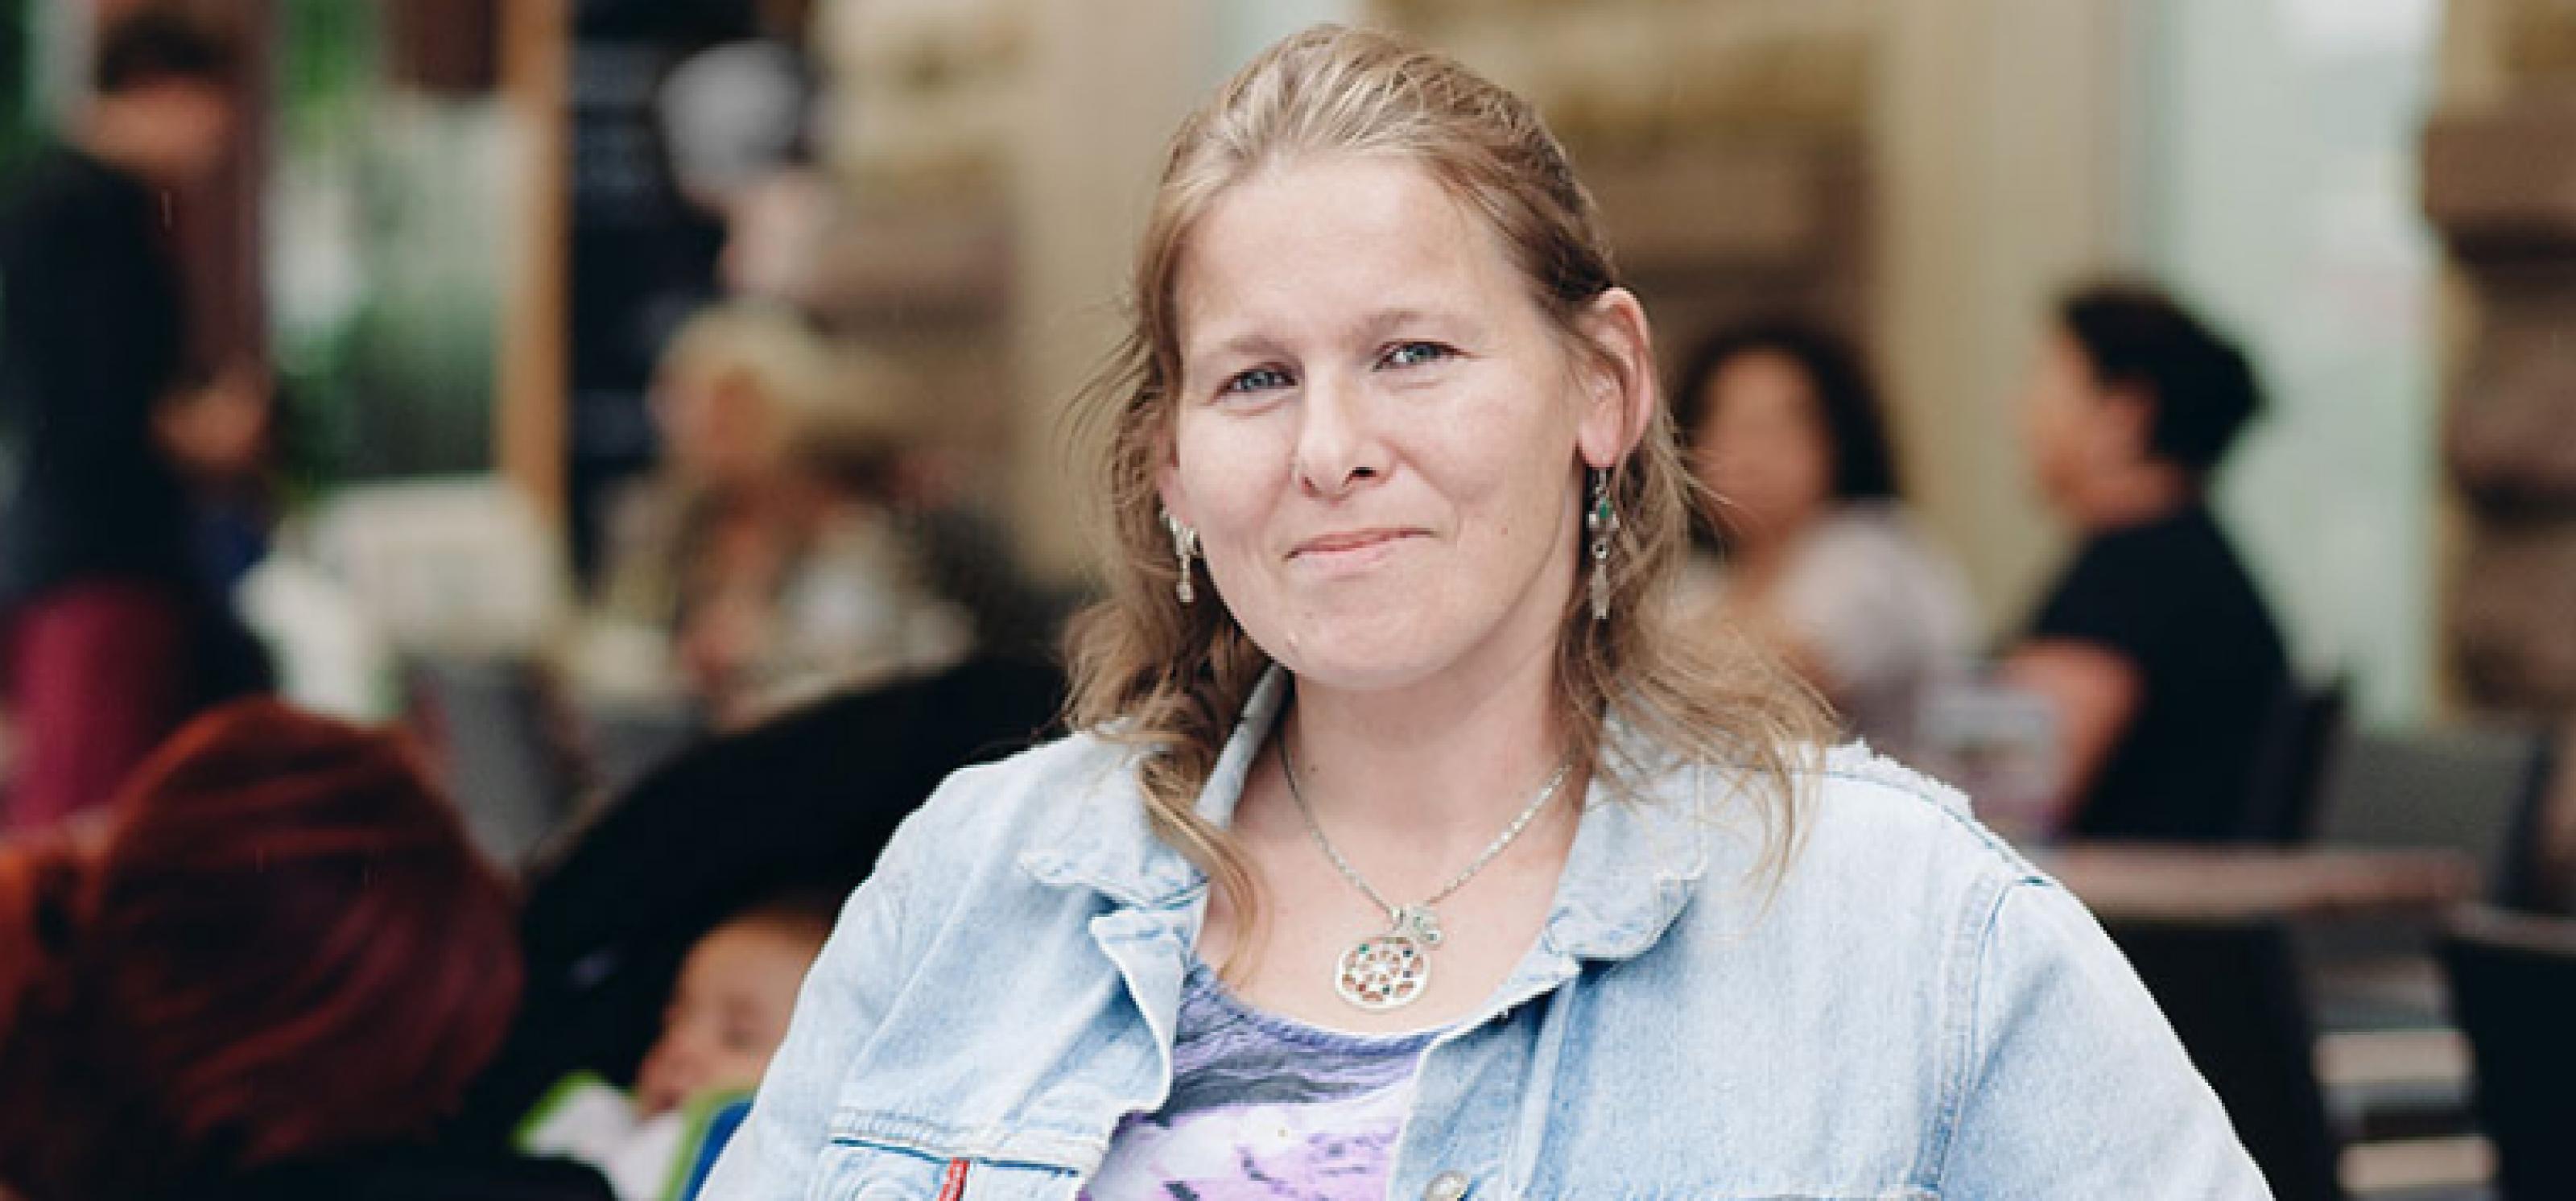 Janka Kessinger